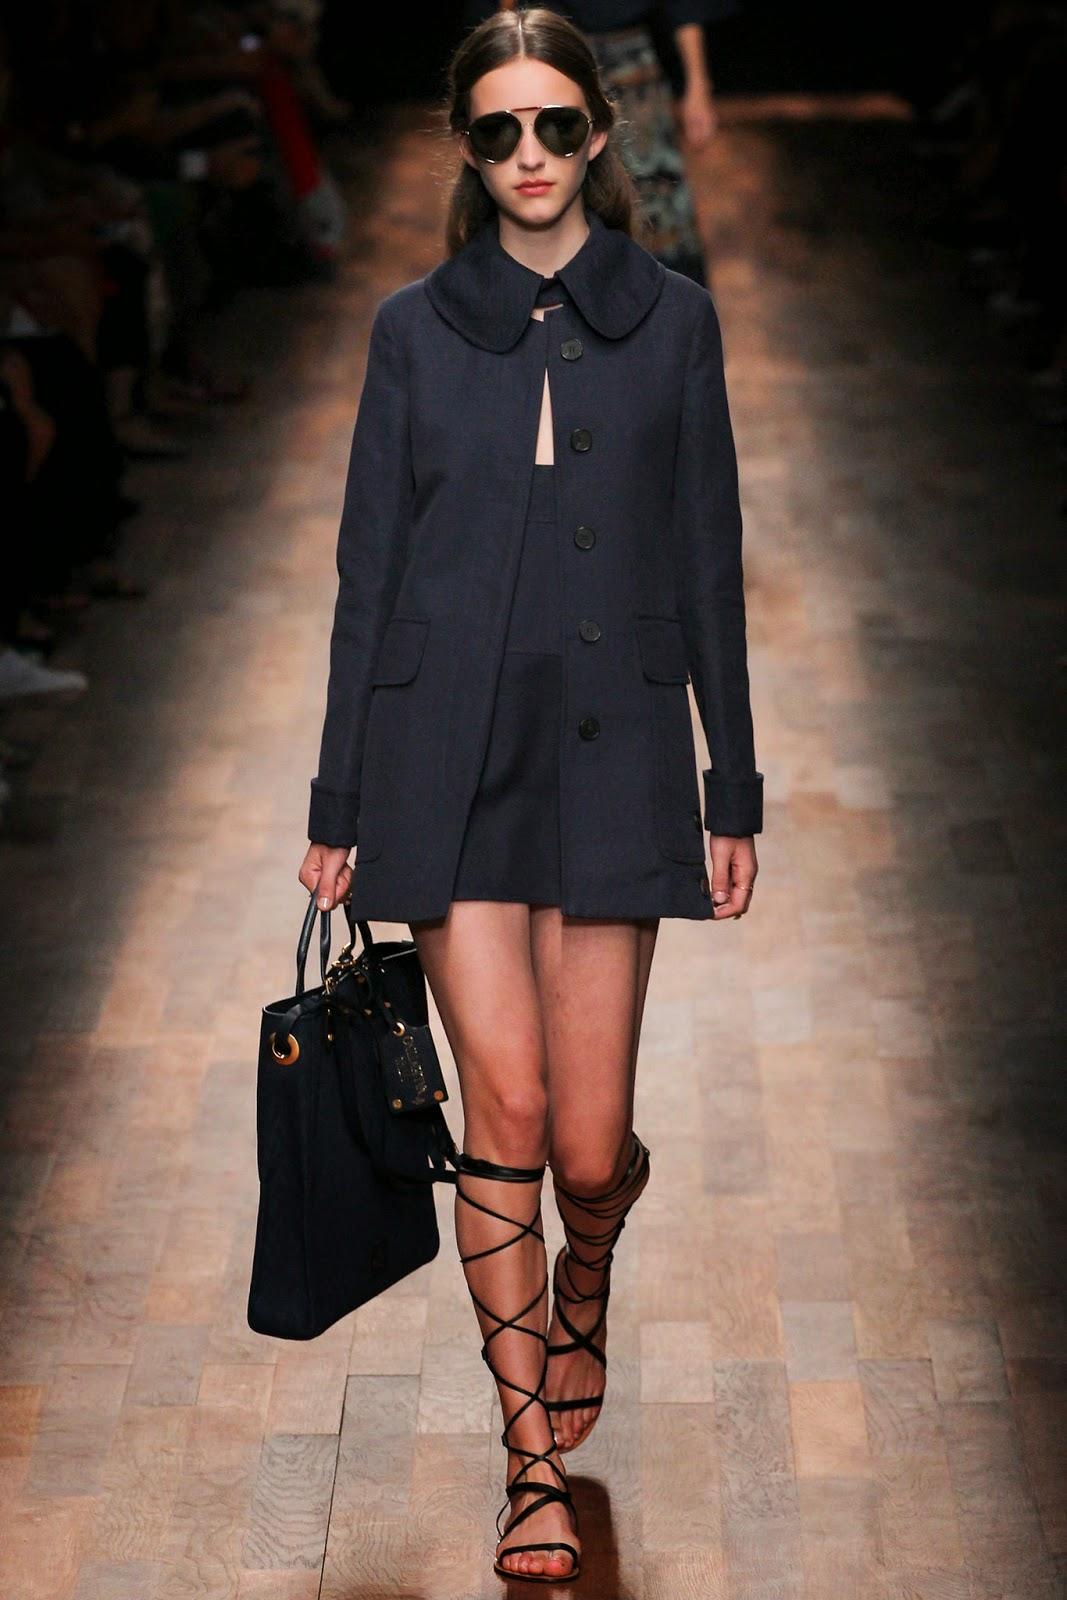 valentino 2015 summer 2016 trend women dress 2 Valentino 2015 samling, våren sommaren 2016 Valentino klänning modeller, Valentino kväll klänning nya säsongen kvinnors kjolar modeller